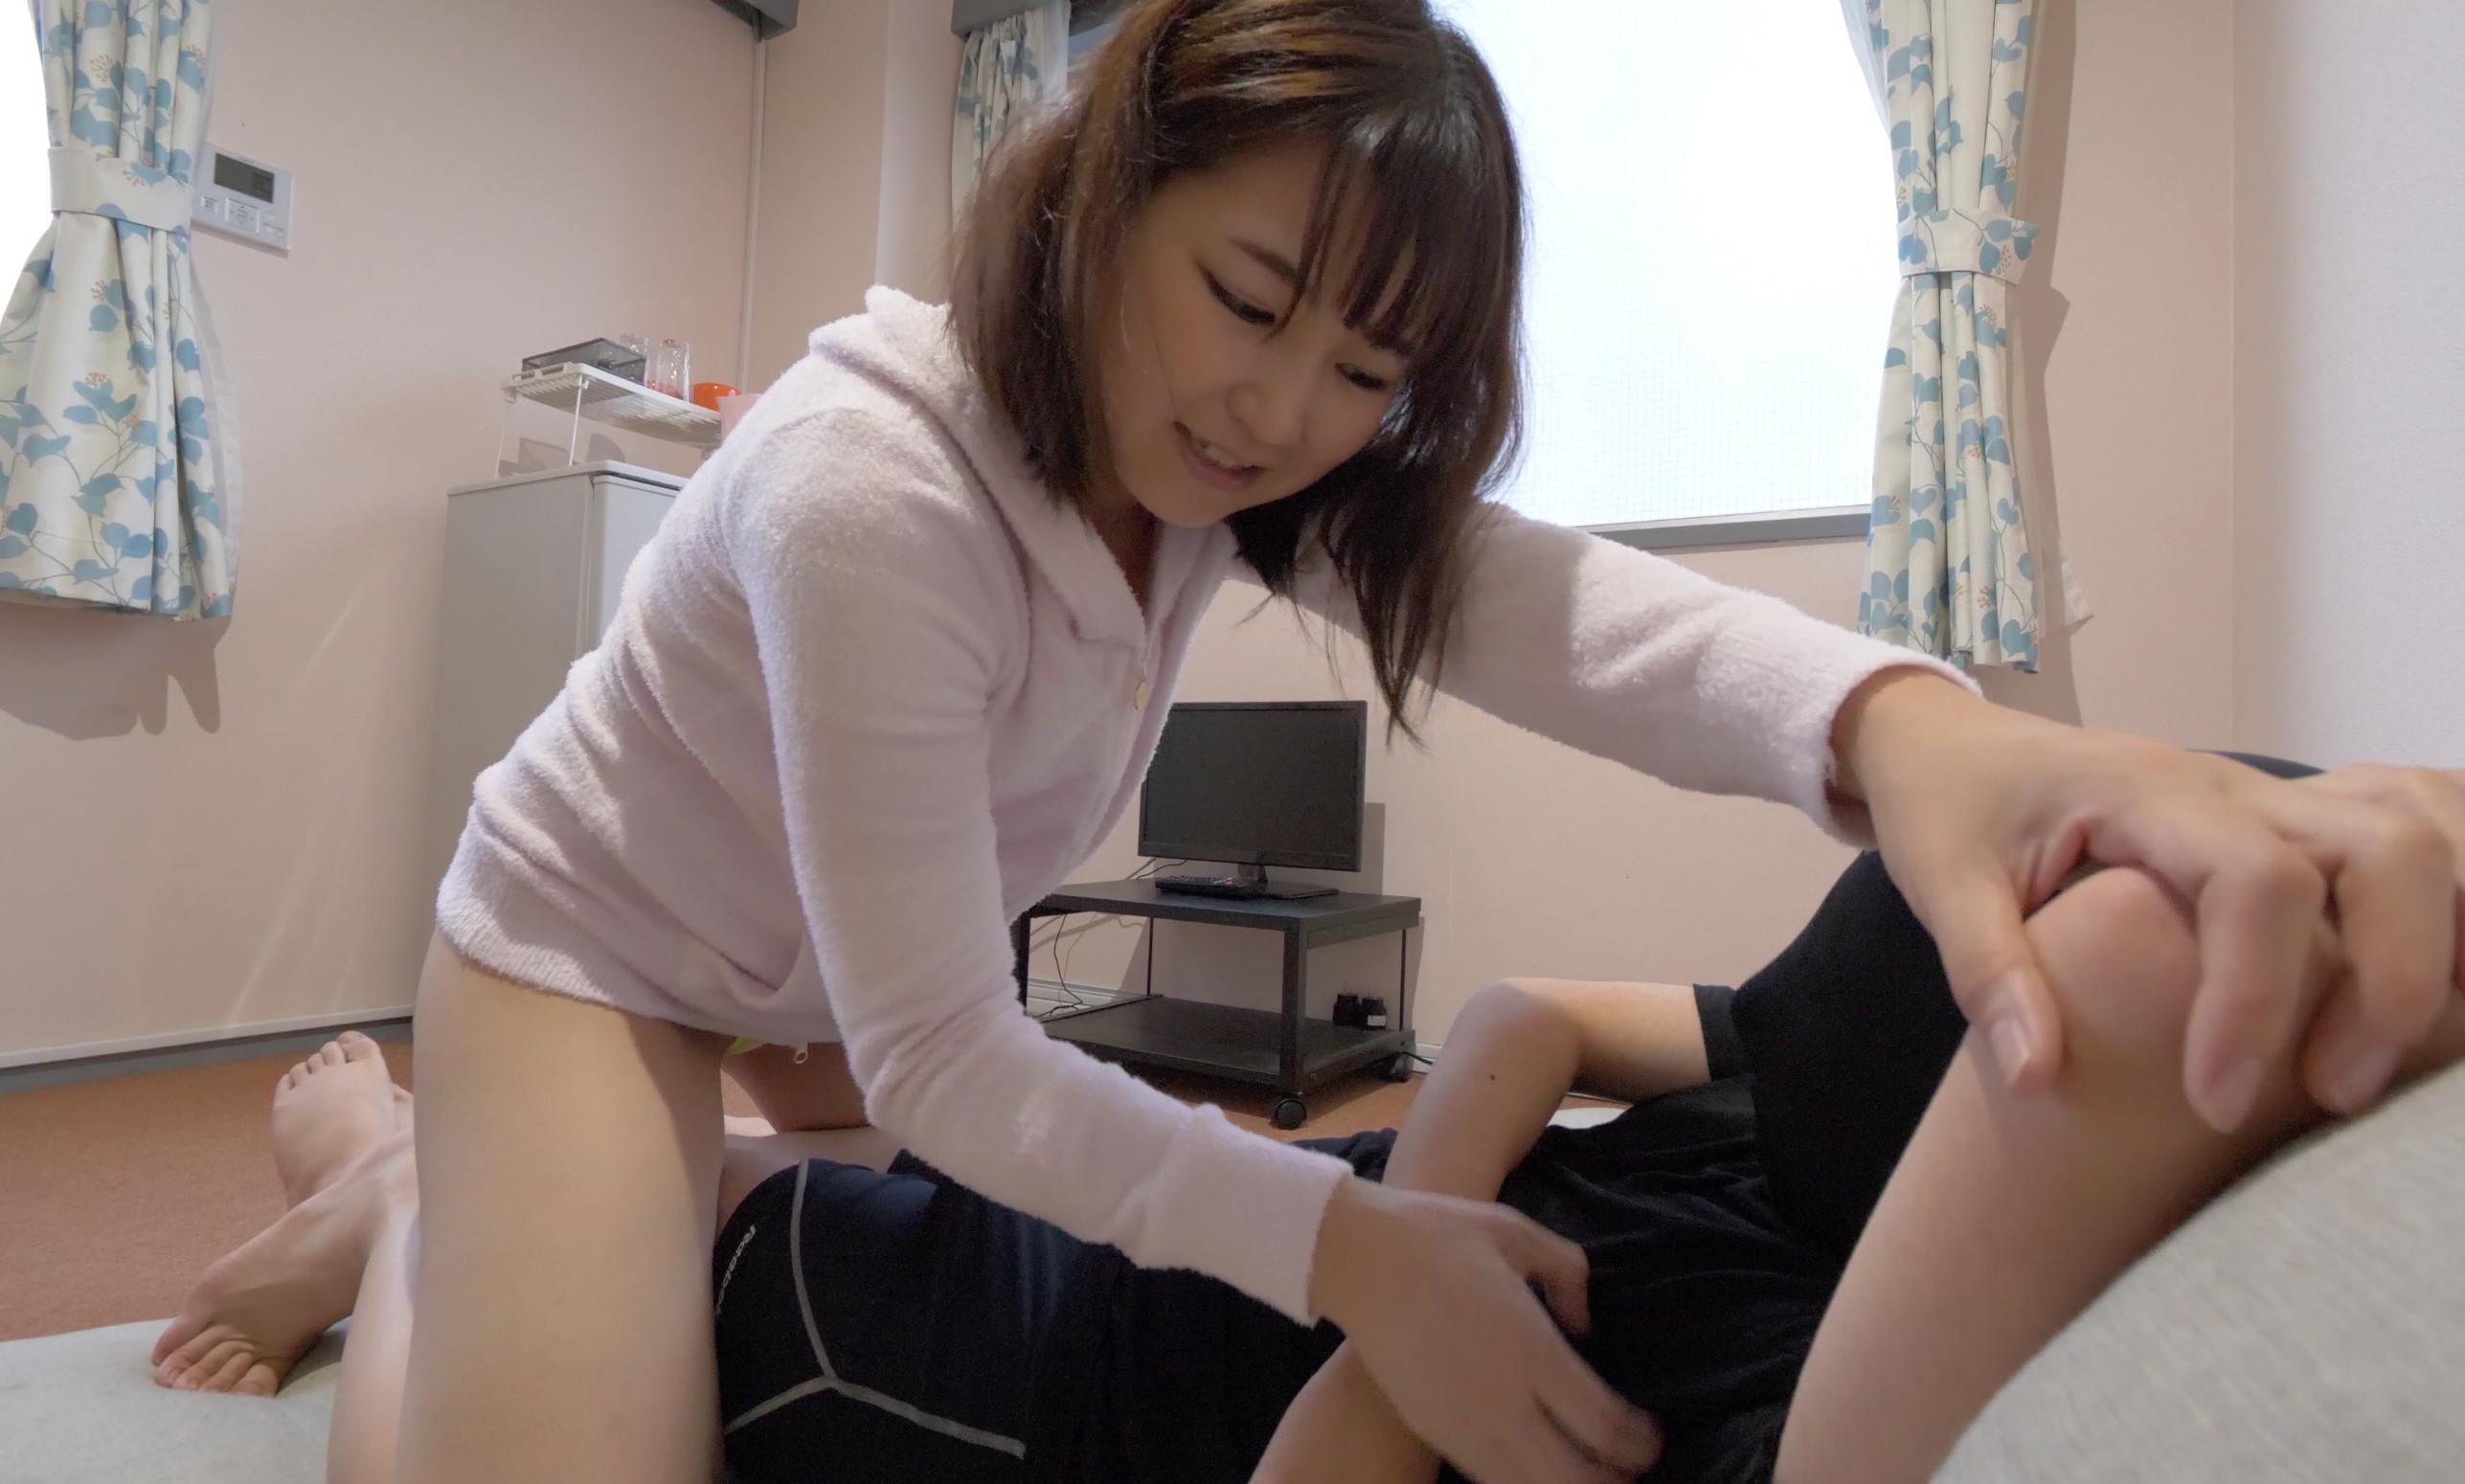 【M男くすぐり】人気女優 桃井杏南チャンの電気あんま・くすぐり攻め!